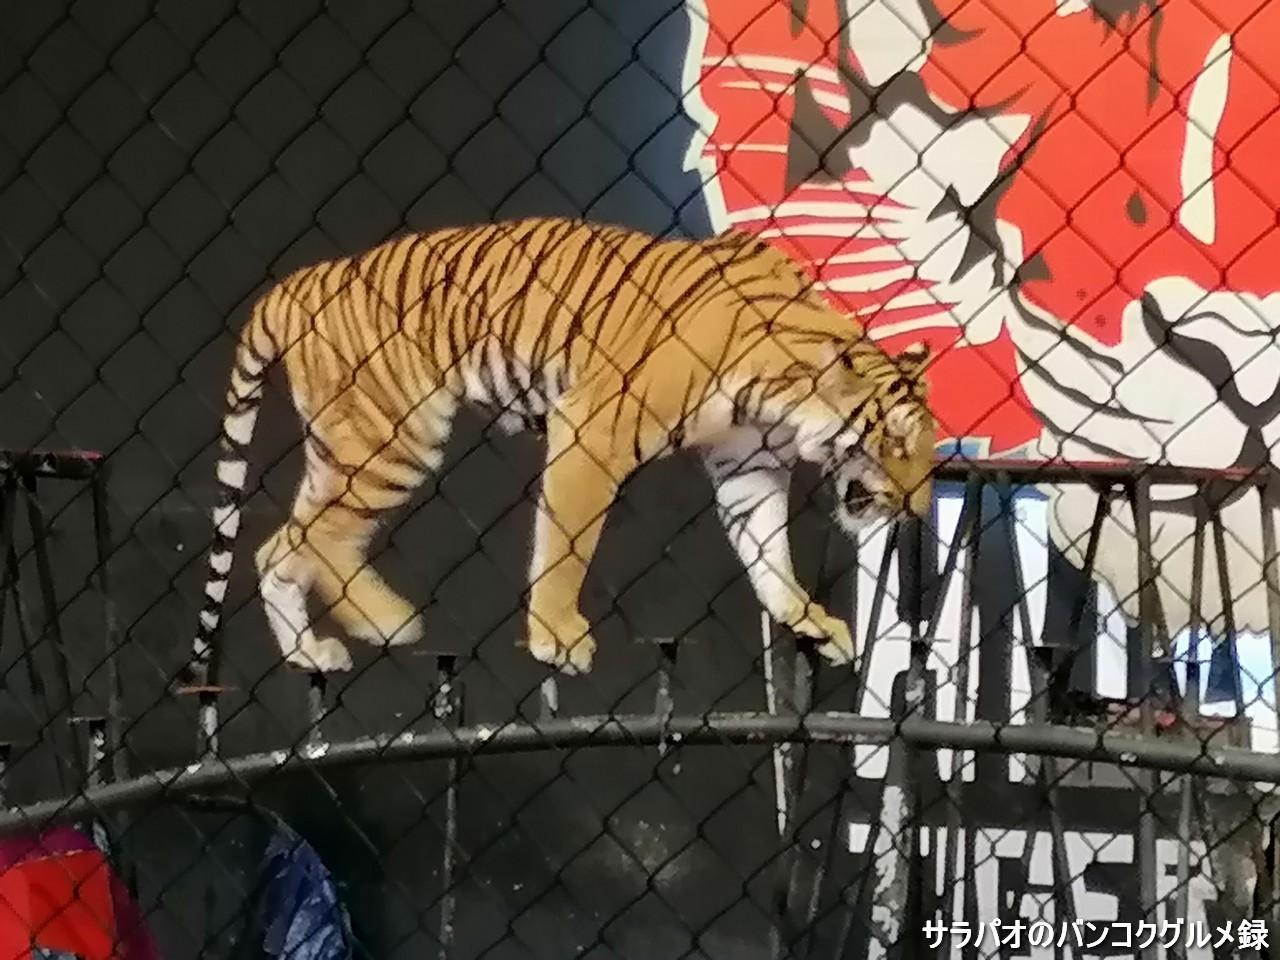 サファリ&アドベンチャーパークは動物のショーが楽しめる動物園 in ホアヒン